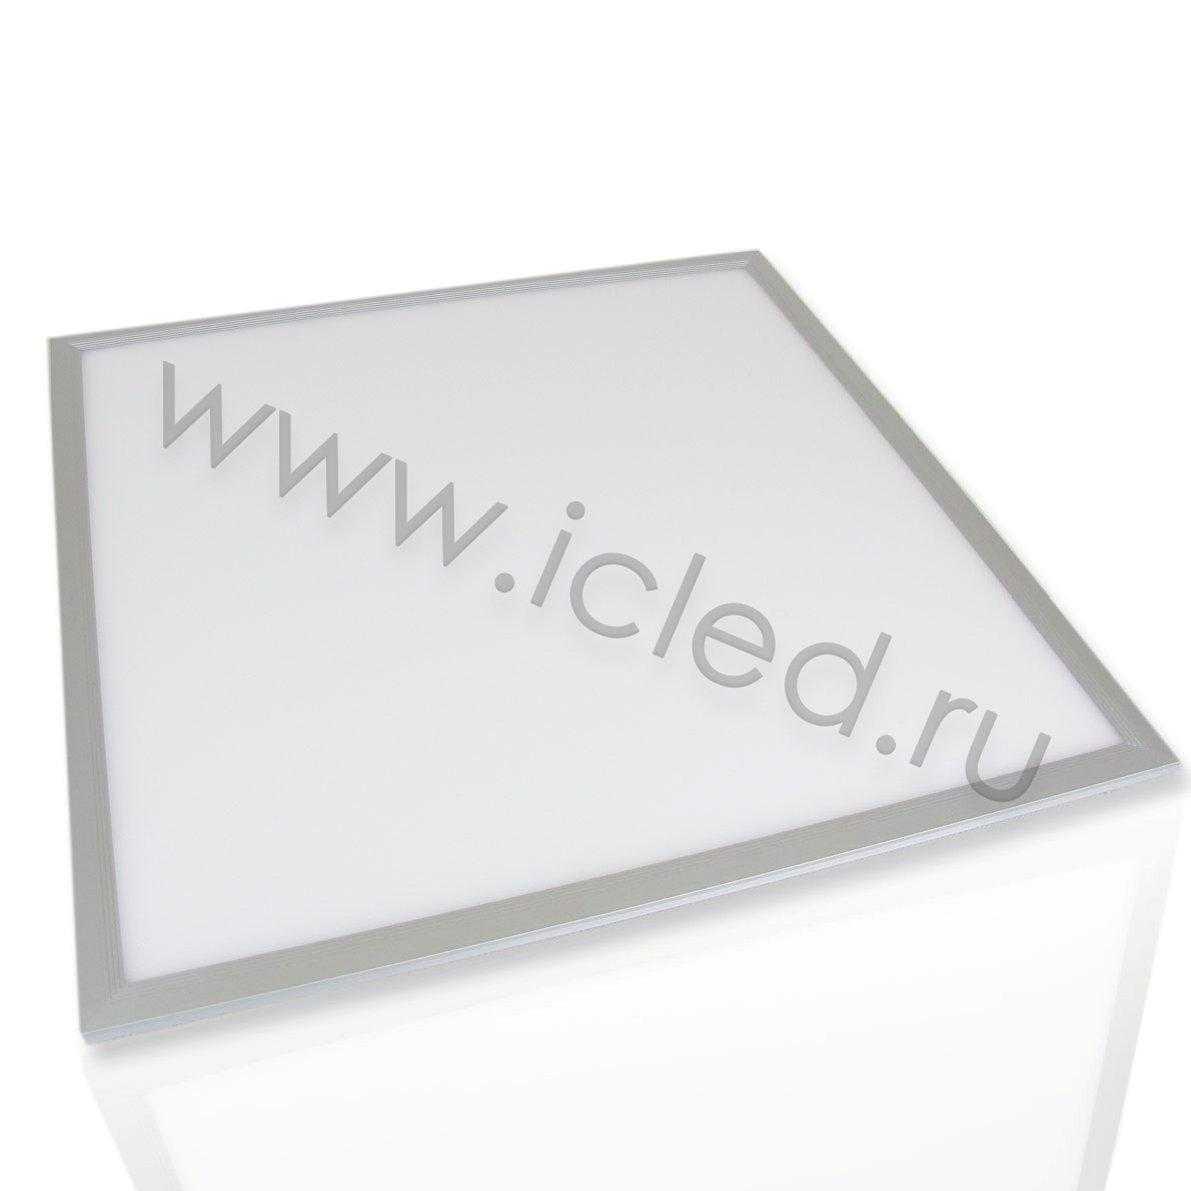 Светодиодная панель S L600 3520Lm (42W, 220V, White)